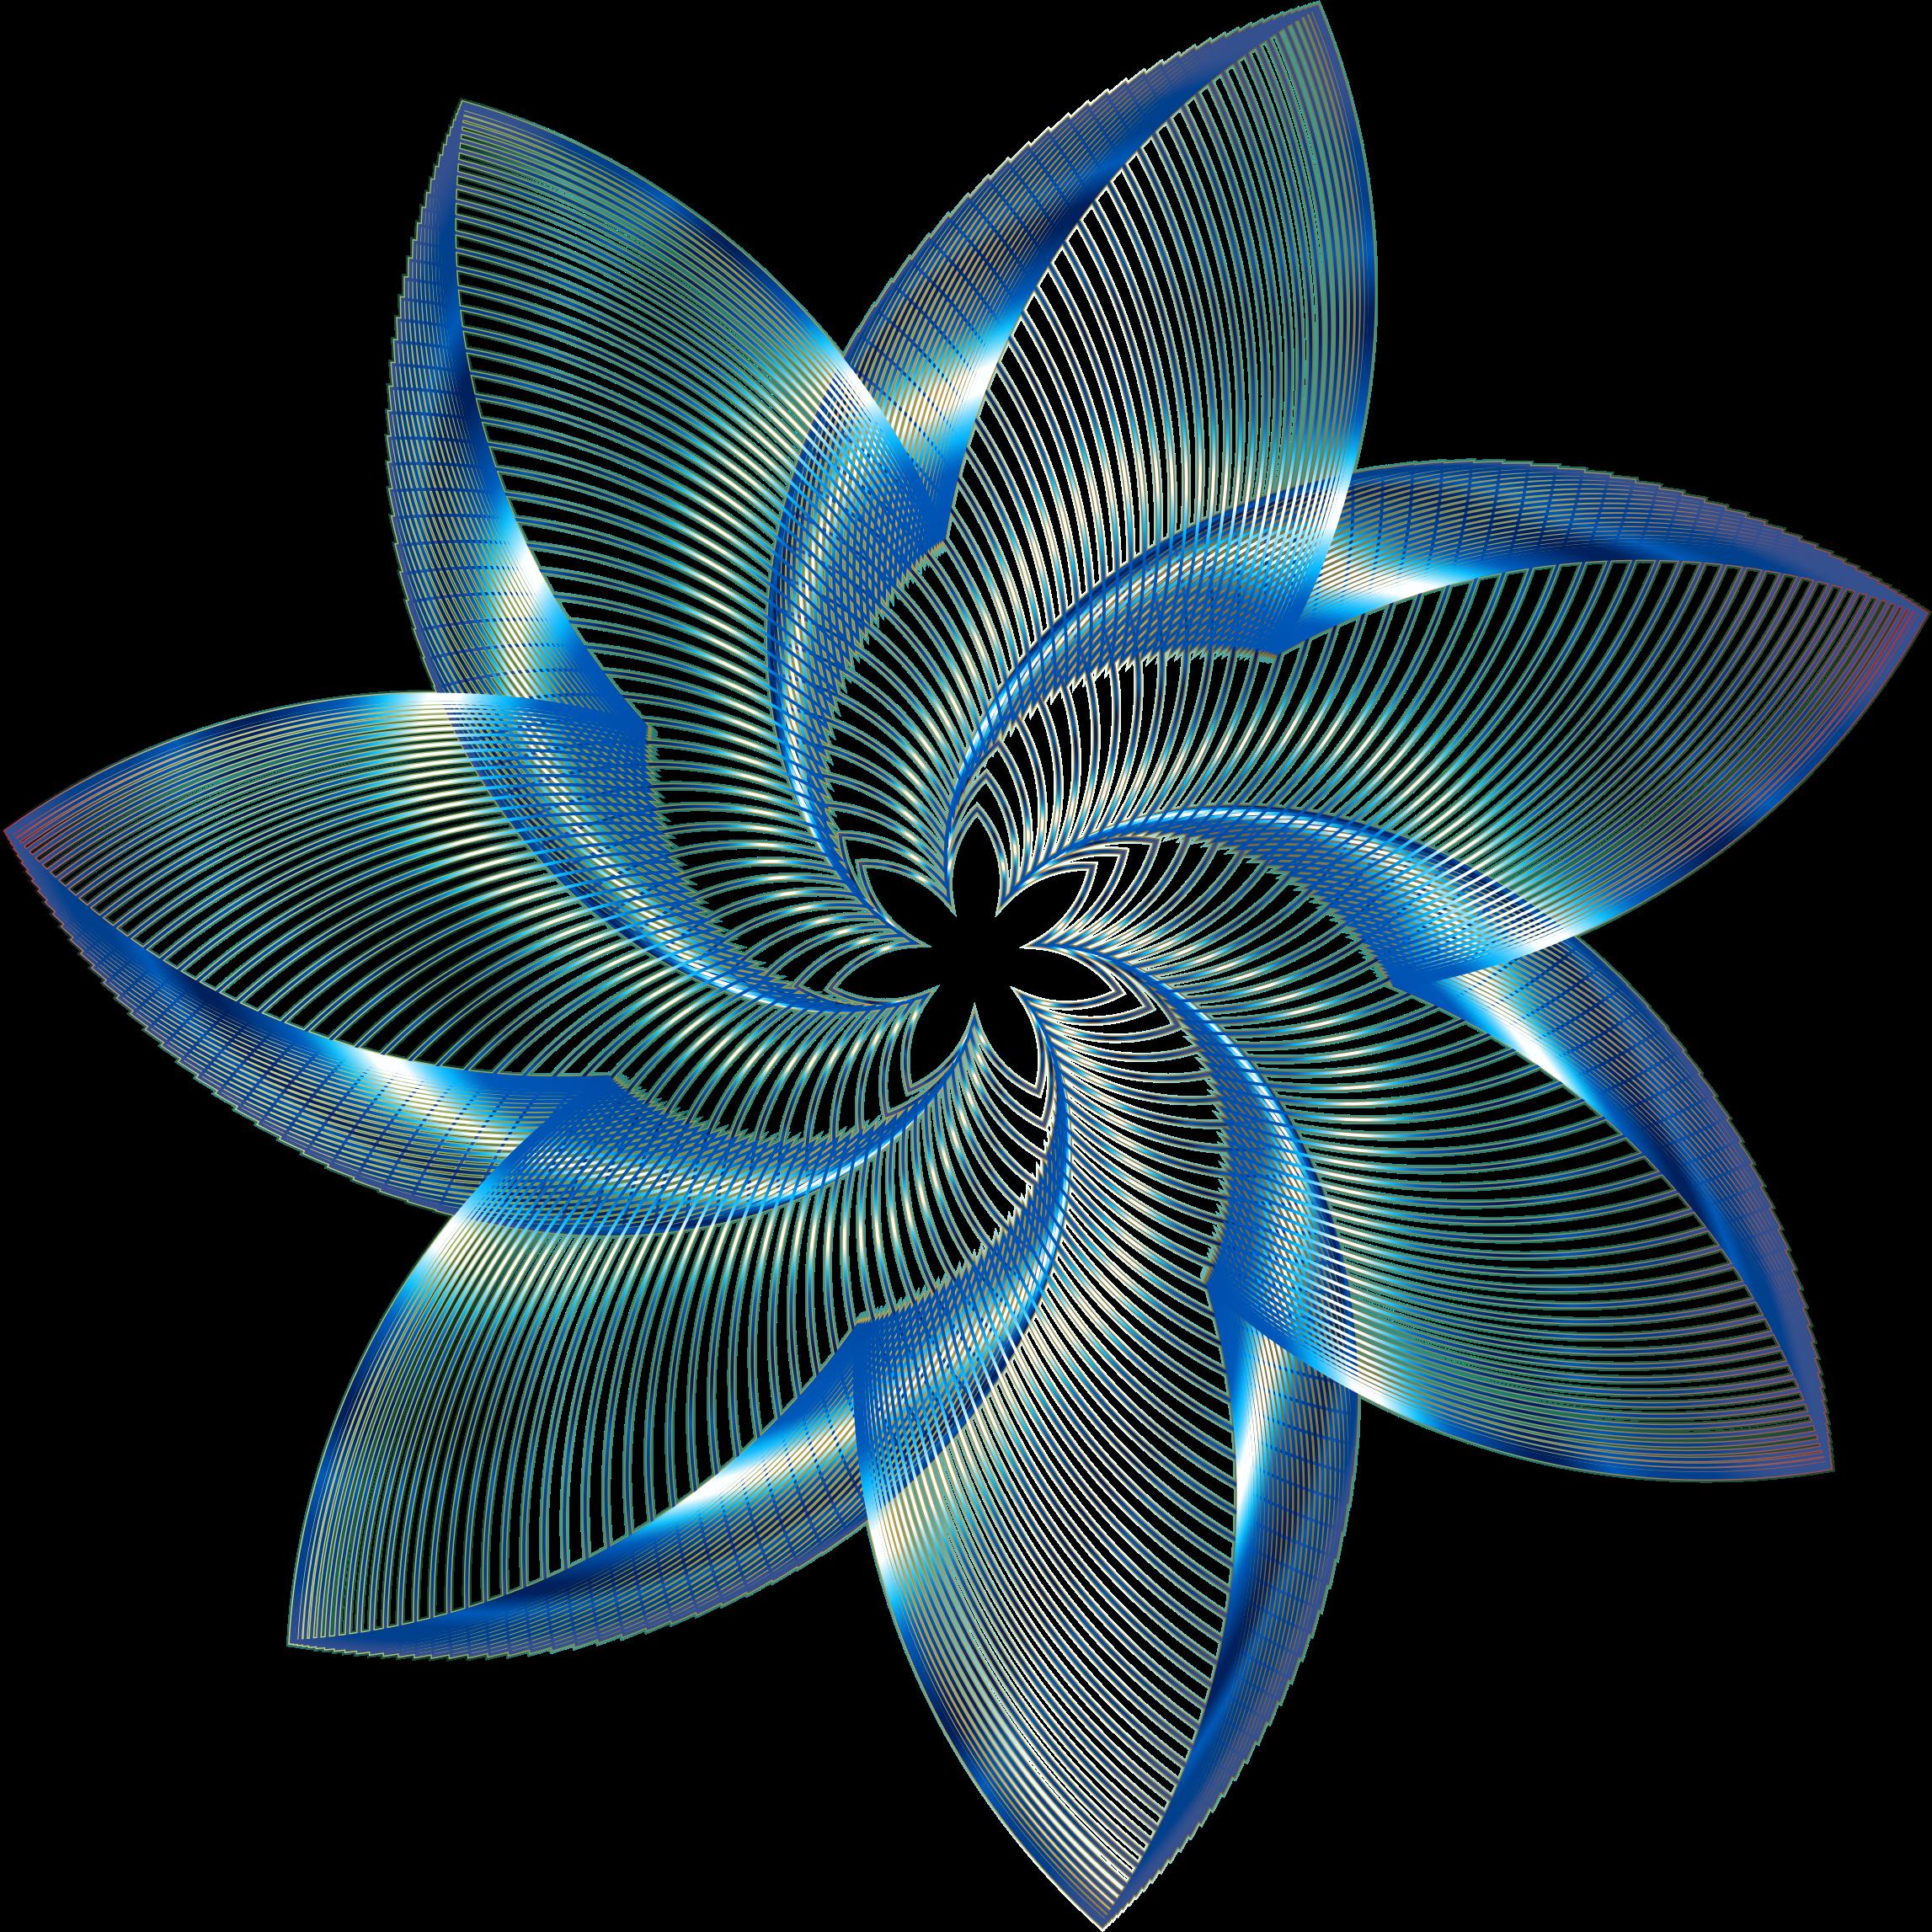 Clipart   Prismatic Flower Line Art 8 No Background - Decorative Line Blue, Transparent background PNG HD thumbnail